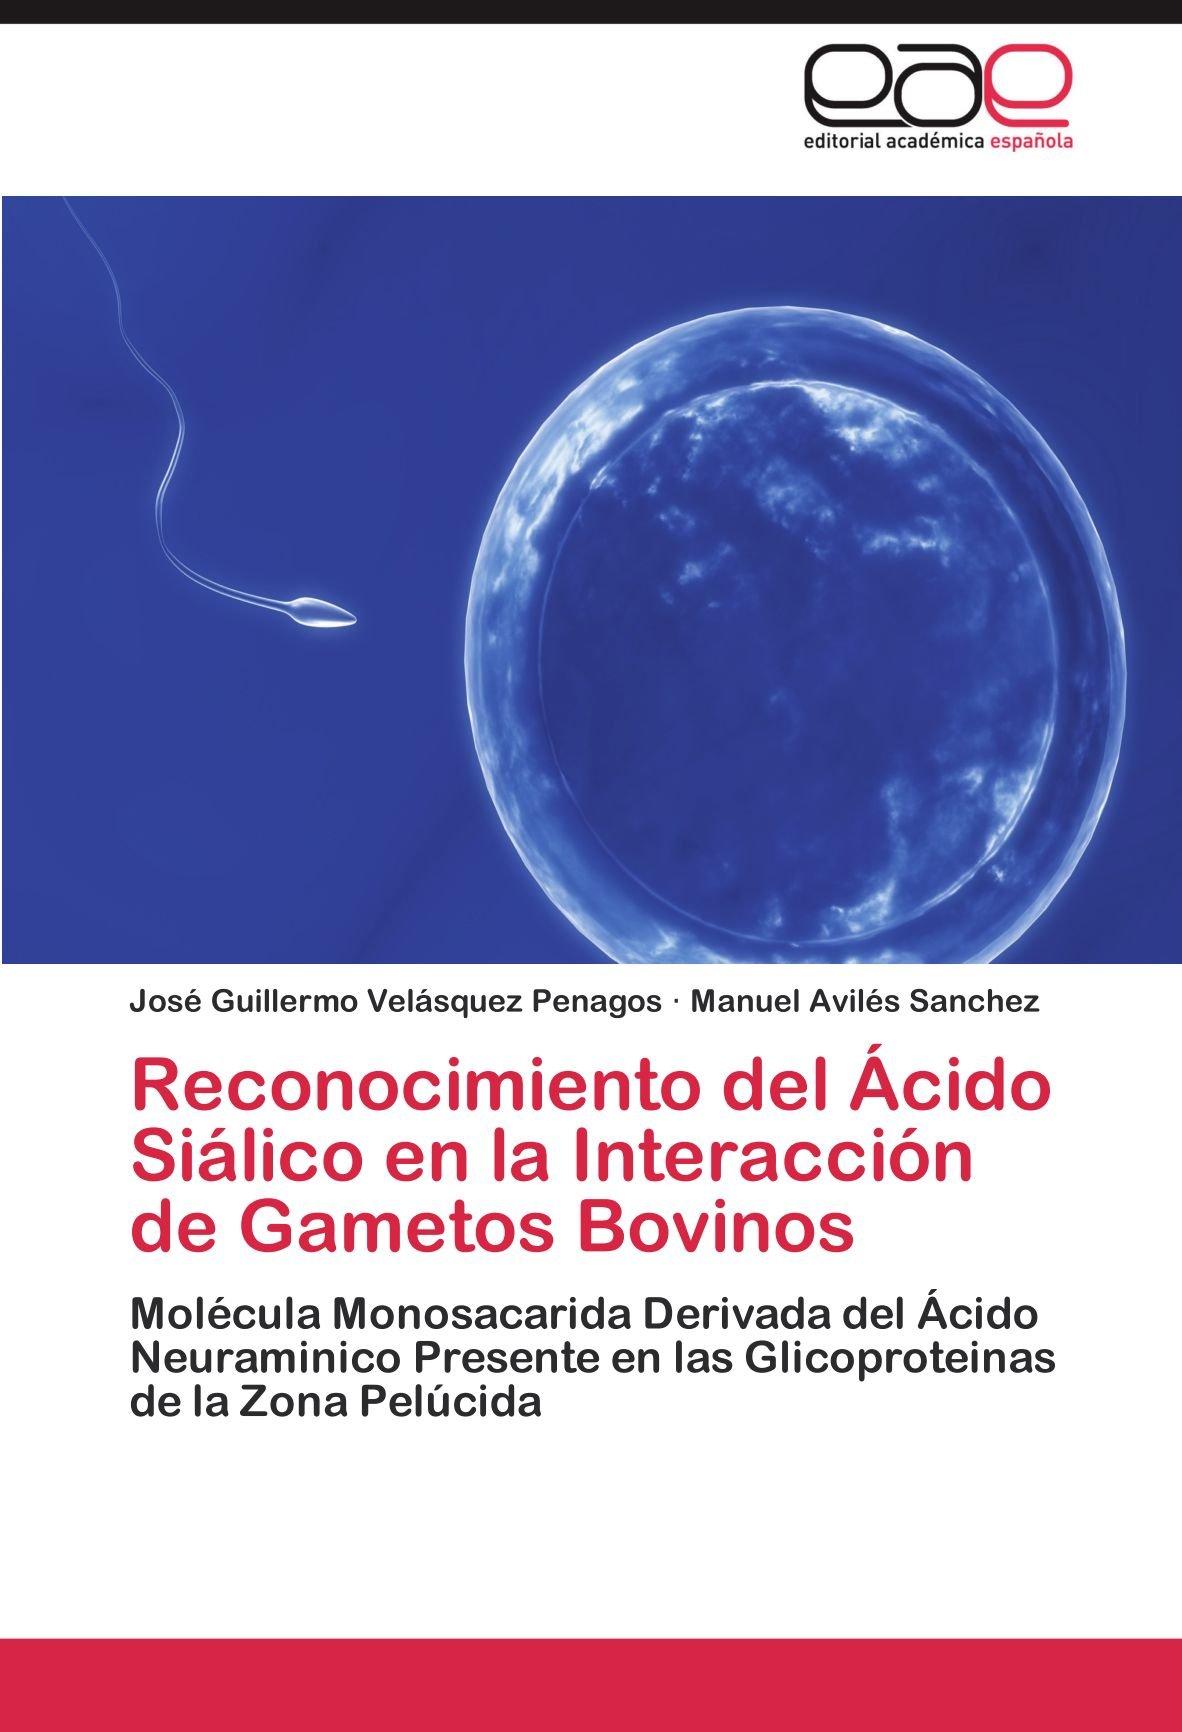 Reconocimiento del Ácido Siálico en la Interacción de Gametos ...